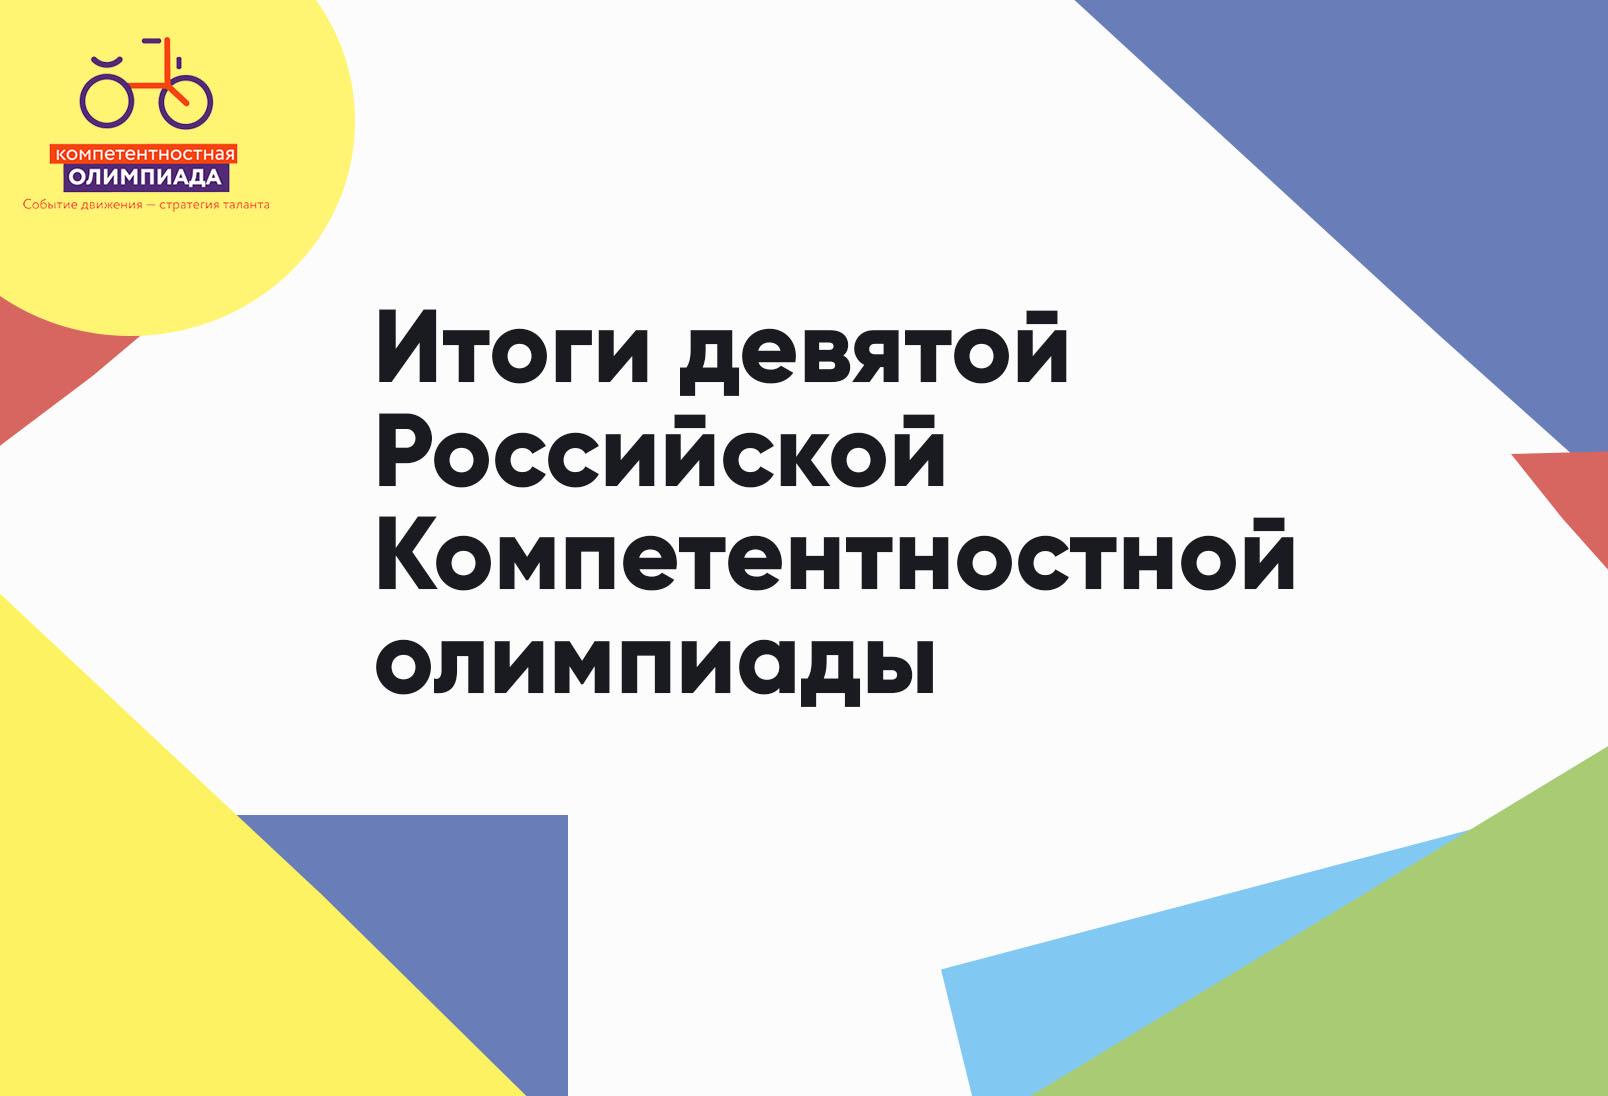 Школьники из Коми оказались в числе победителей Российской компетентностной олимпиады